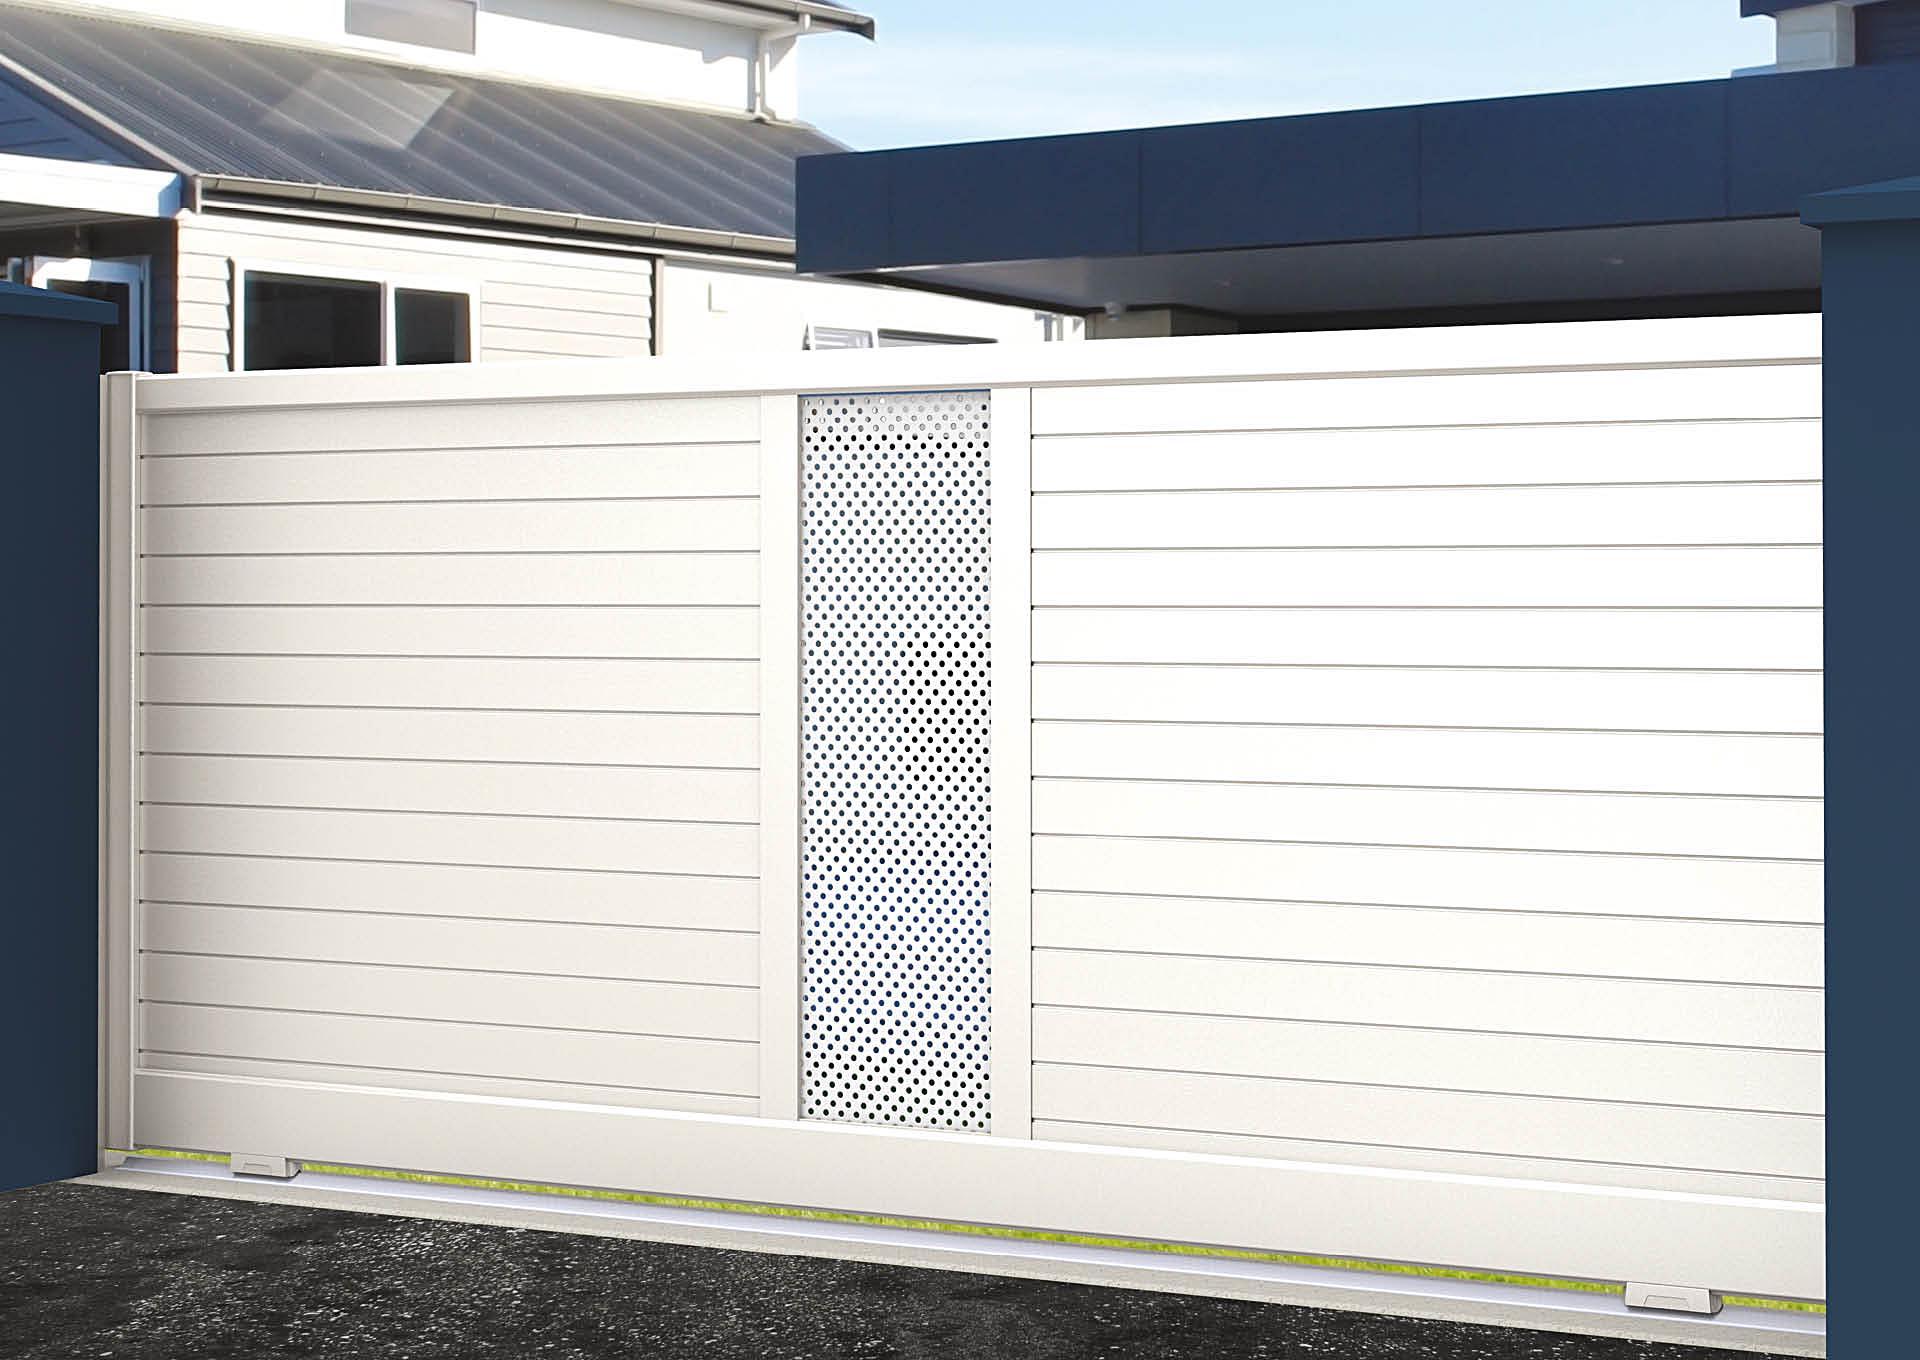 Portail coulissant aluminium Lames horizontales 100 mm + décor tôle perforée Ø6 mm